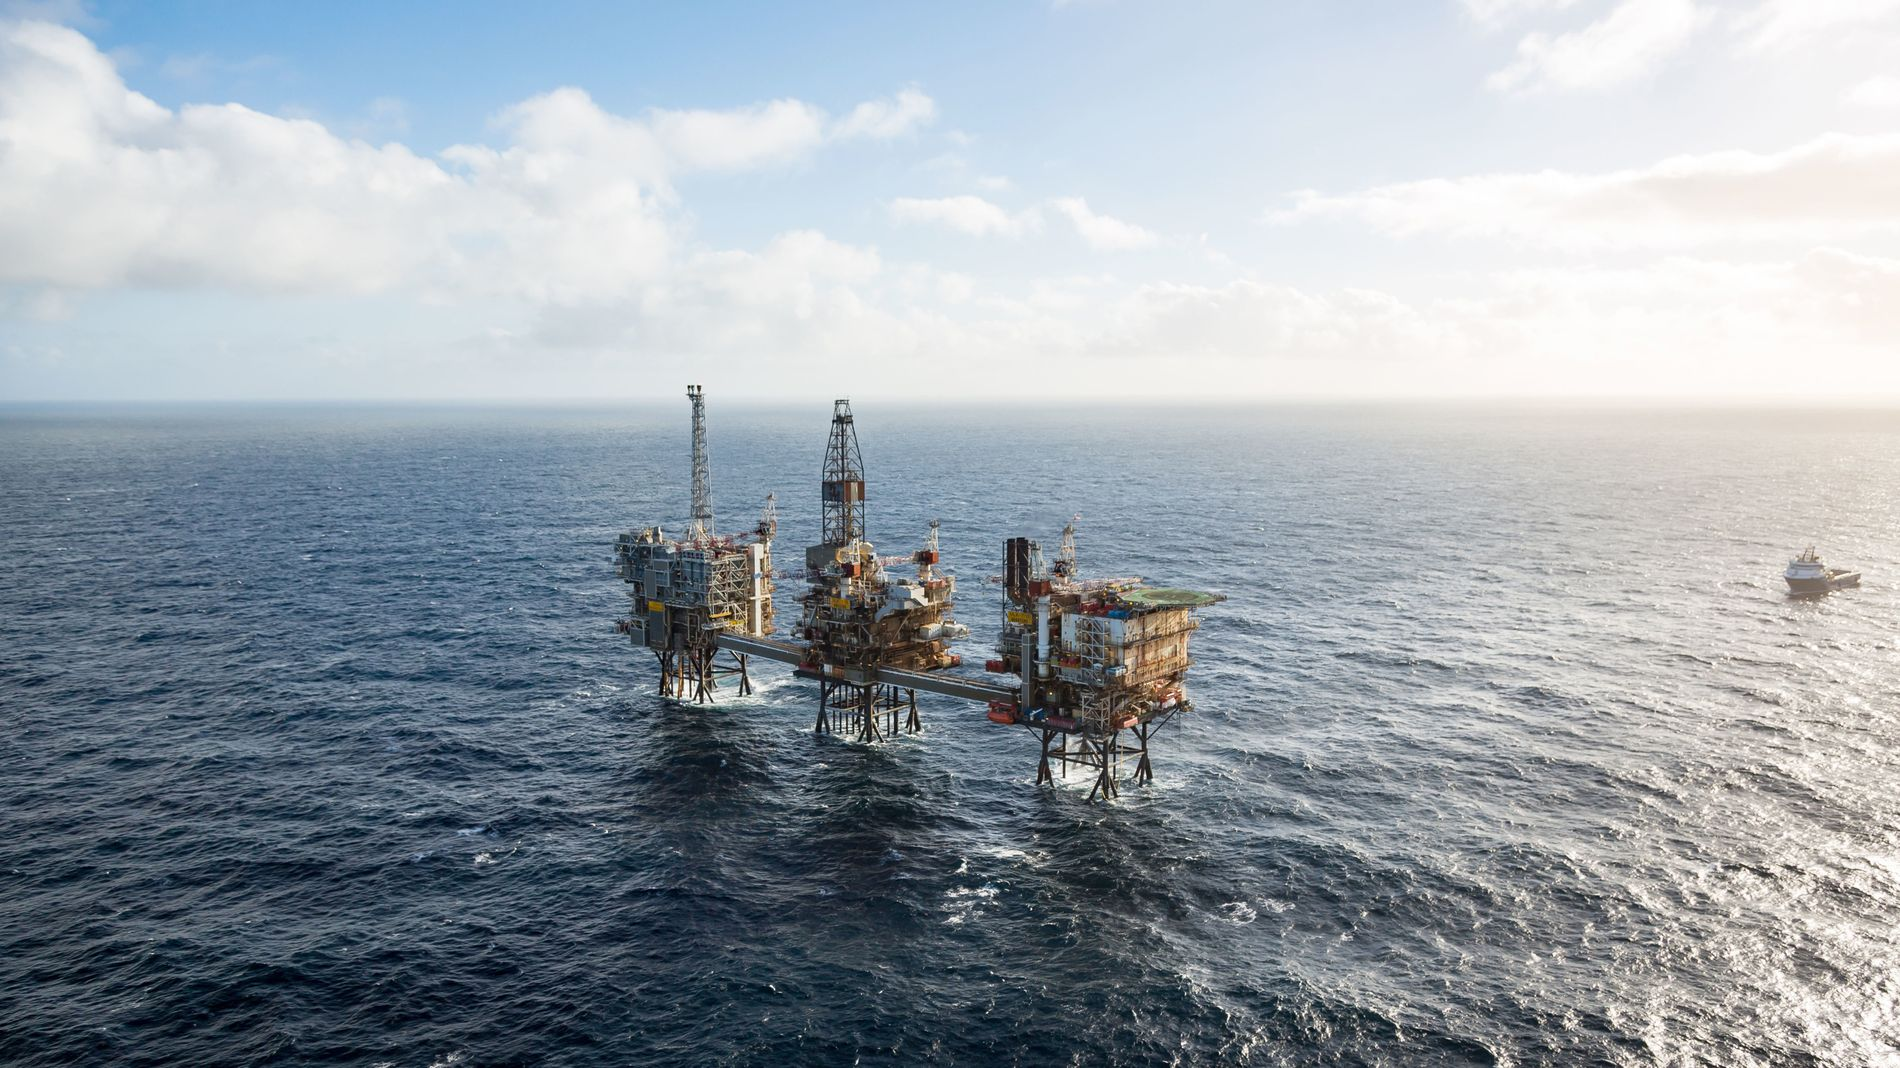 SKRIVES NED: Aker BP tar et regnskapsmessig tap på Ula-feltet i første kvartal på totalt 69 millioner dollar knyttet til endringer i forventede kostnads- og produksjonsprofiler for fremtidige utbygginger.